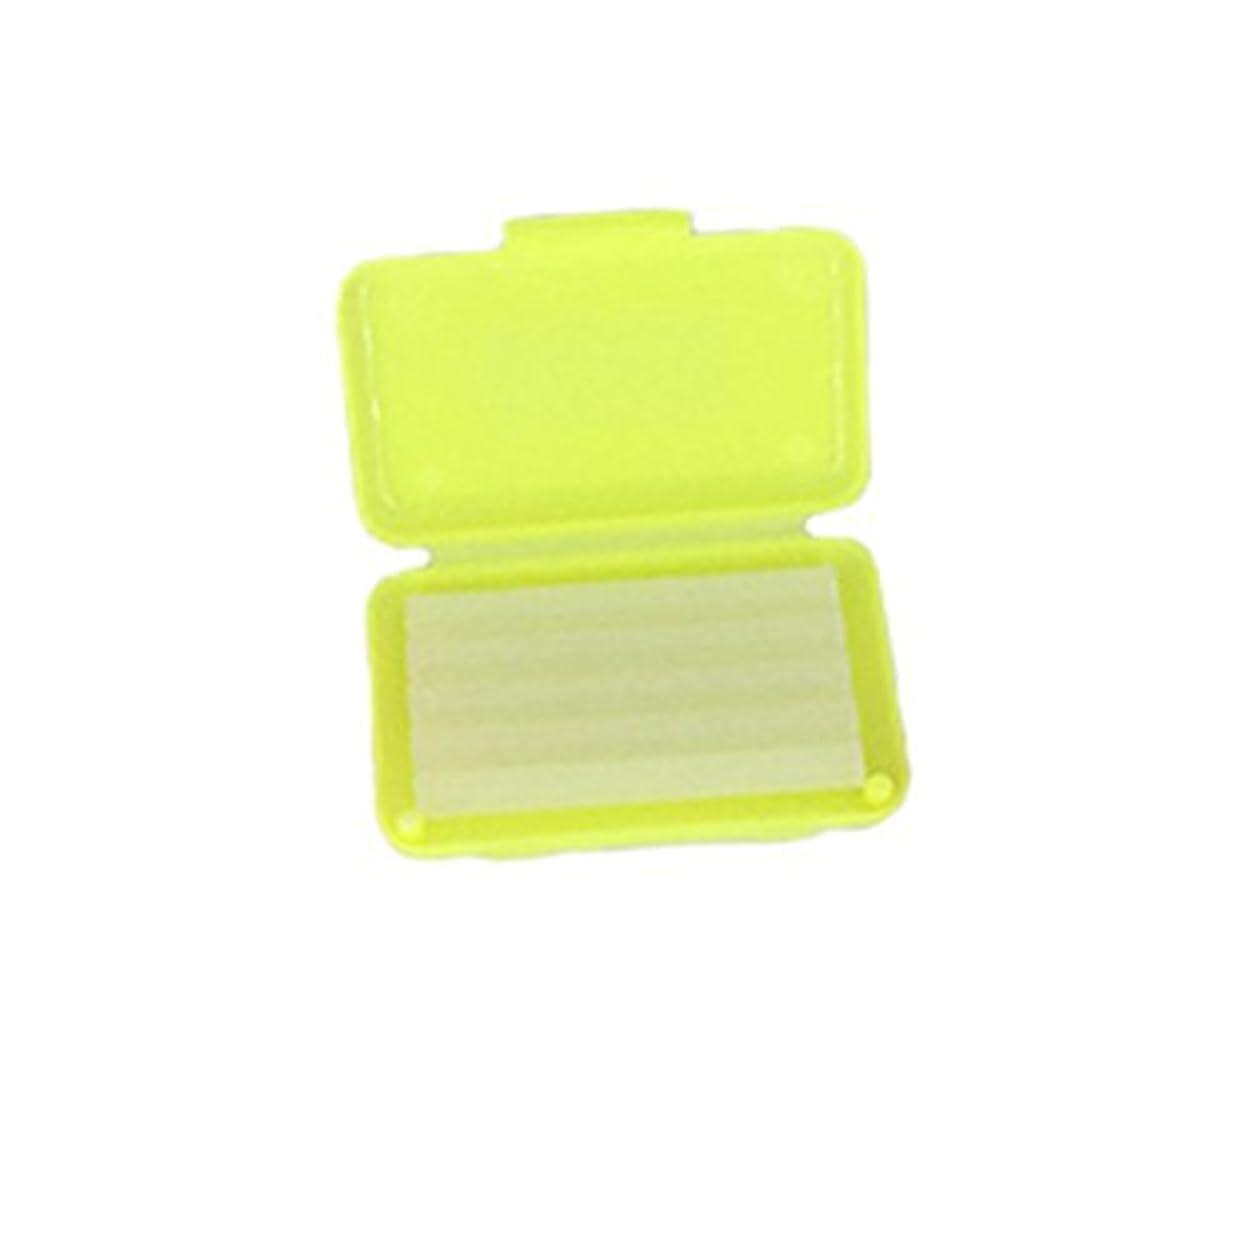 サージピンクあいさつROSENICE 歯科用矯正歯科用ワックス(レモンフレーバー)10個